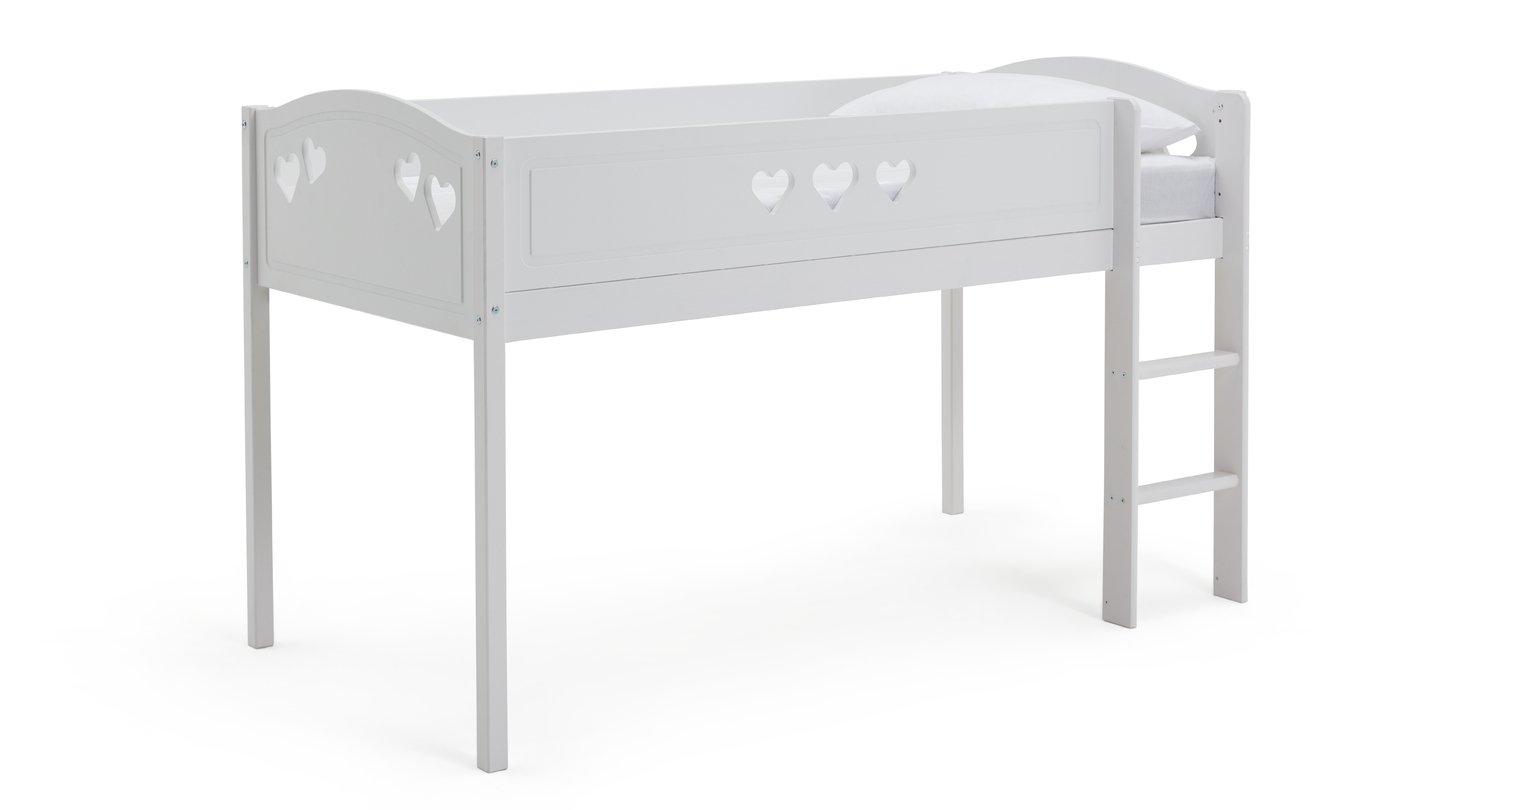 Argos Home Mia White Mid Sleeper Bed Frame